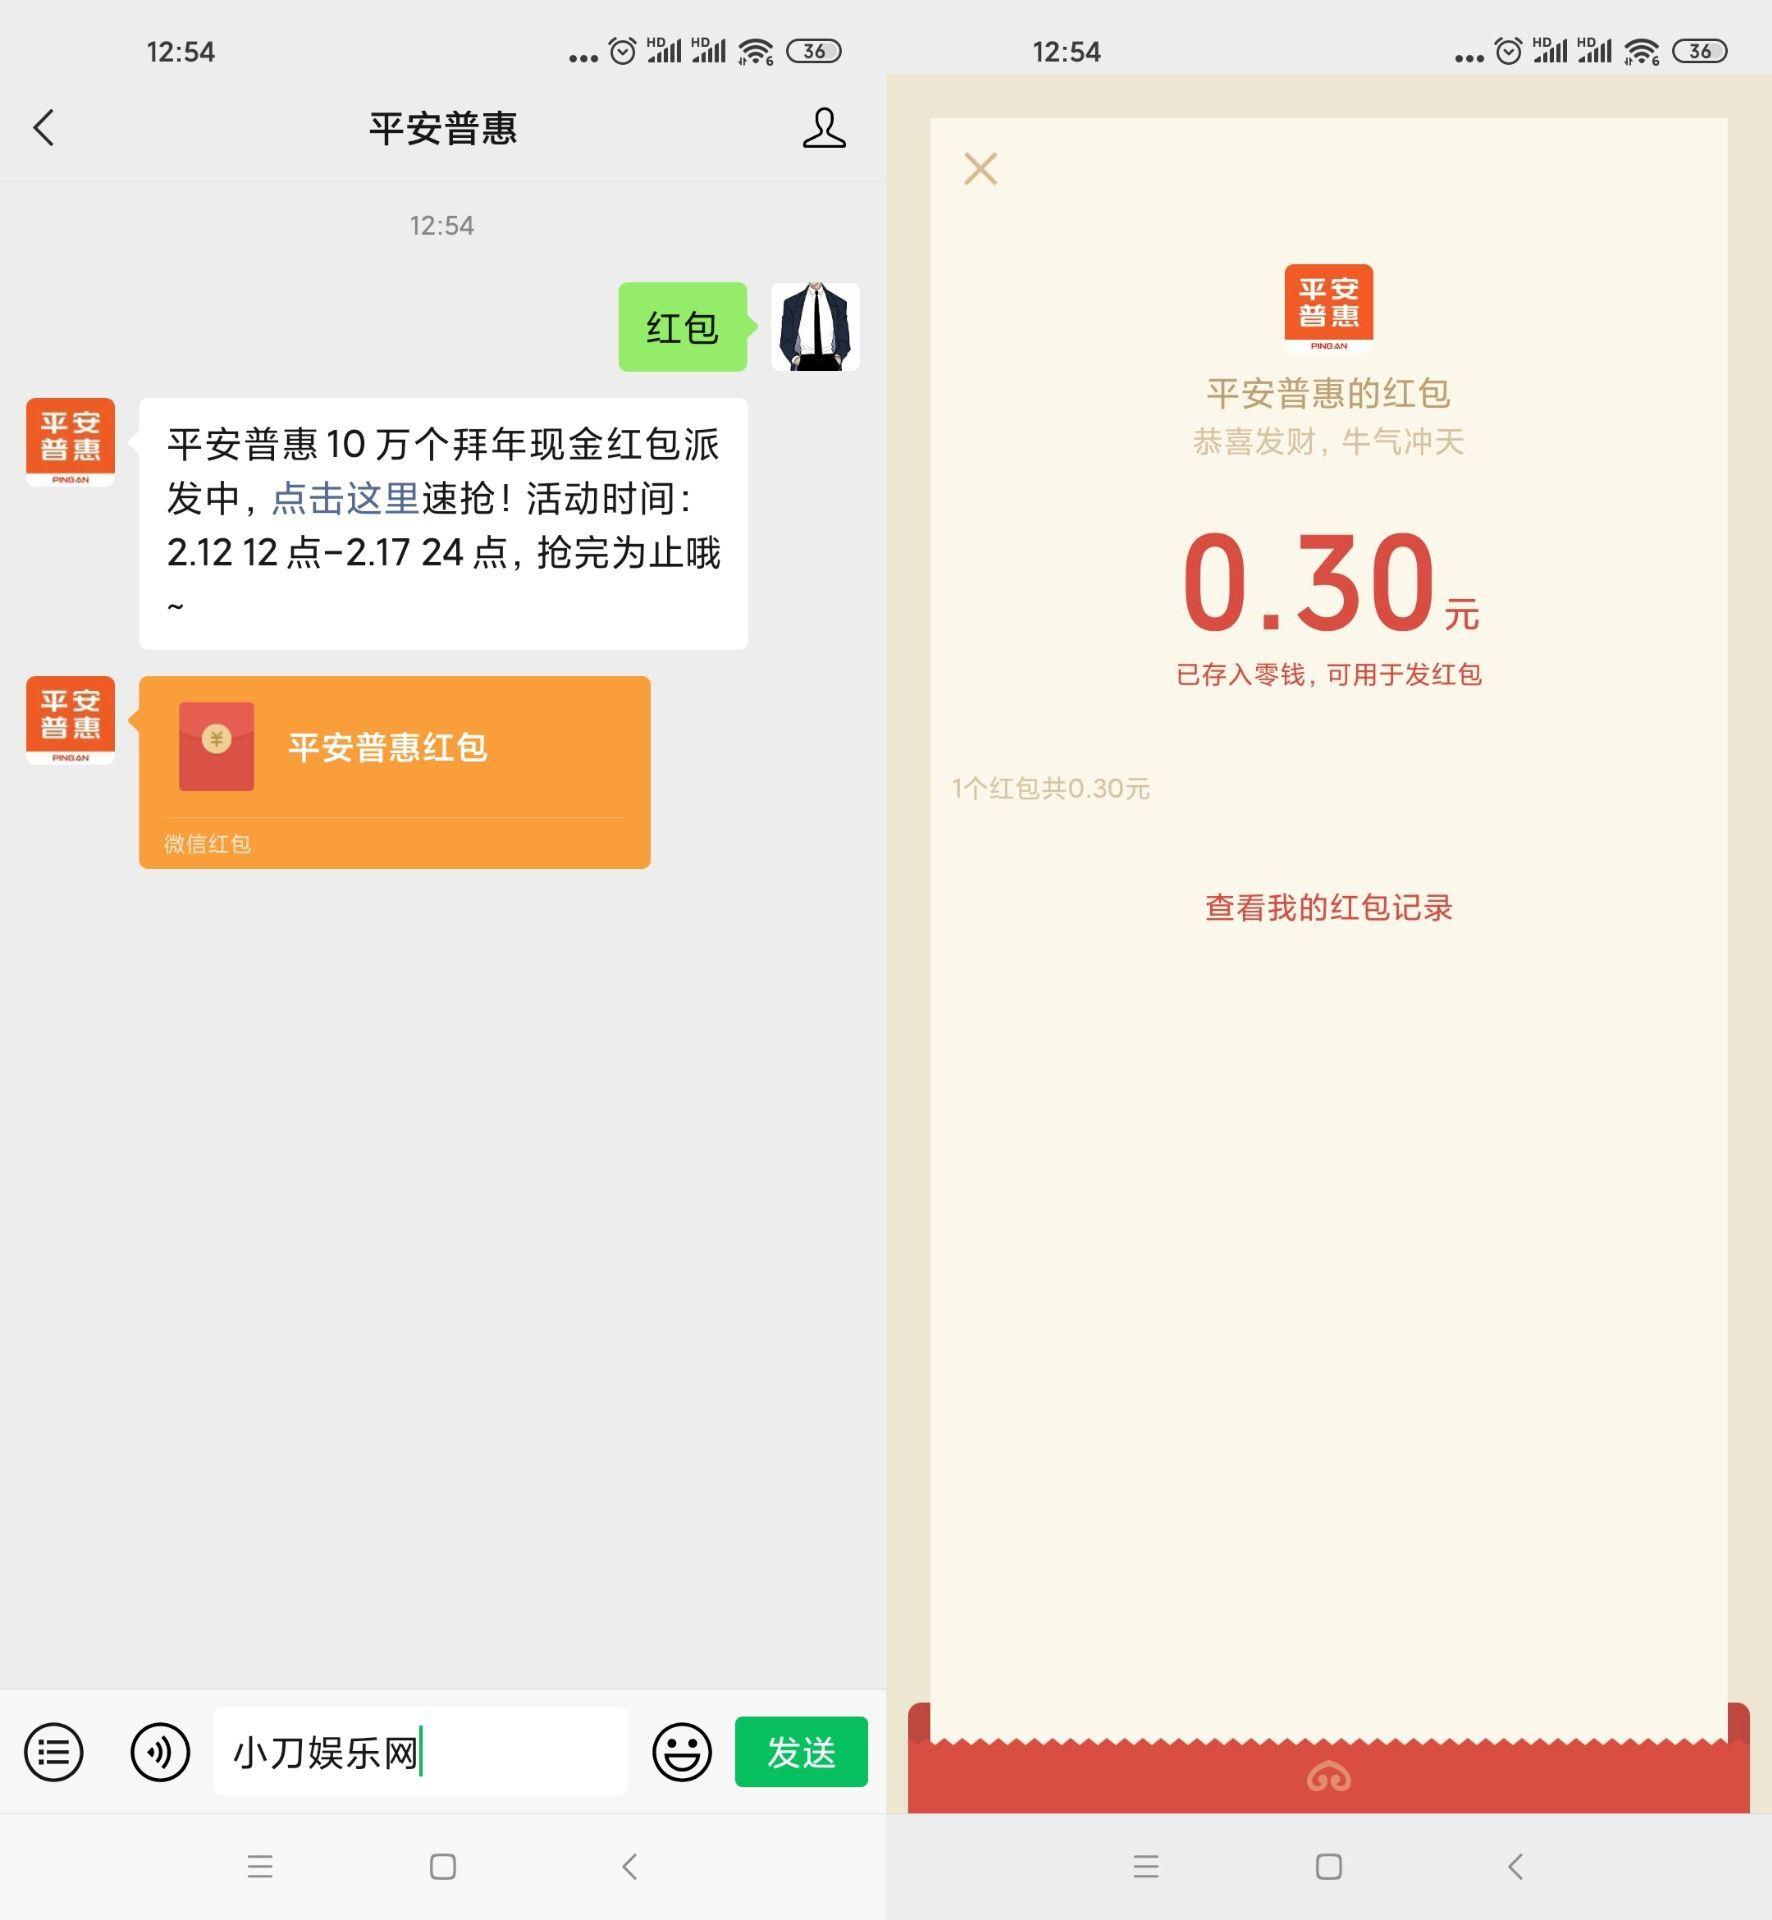 平安普惠领取随机微信红包